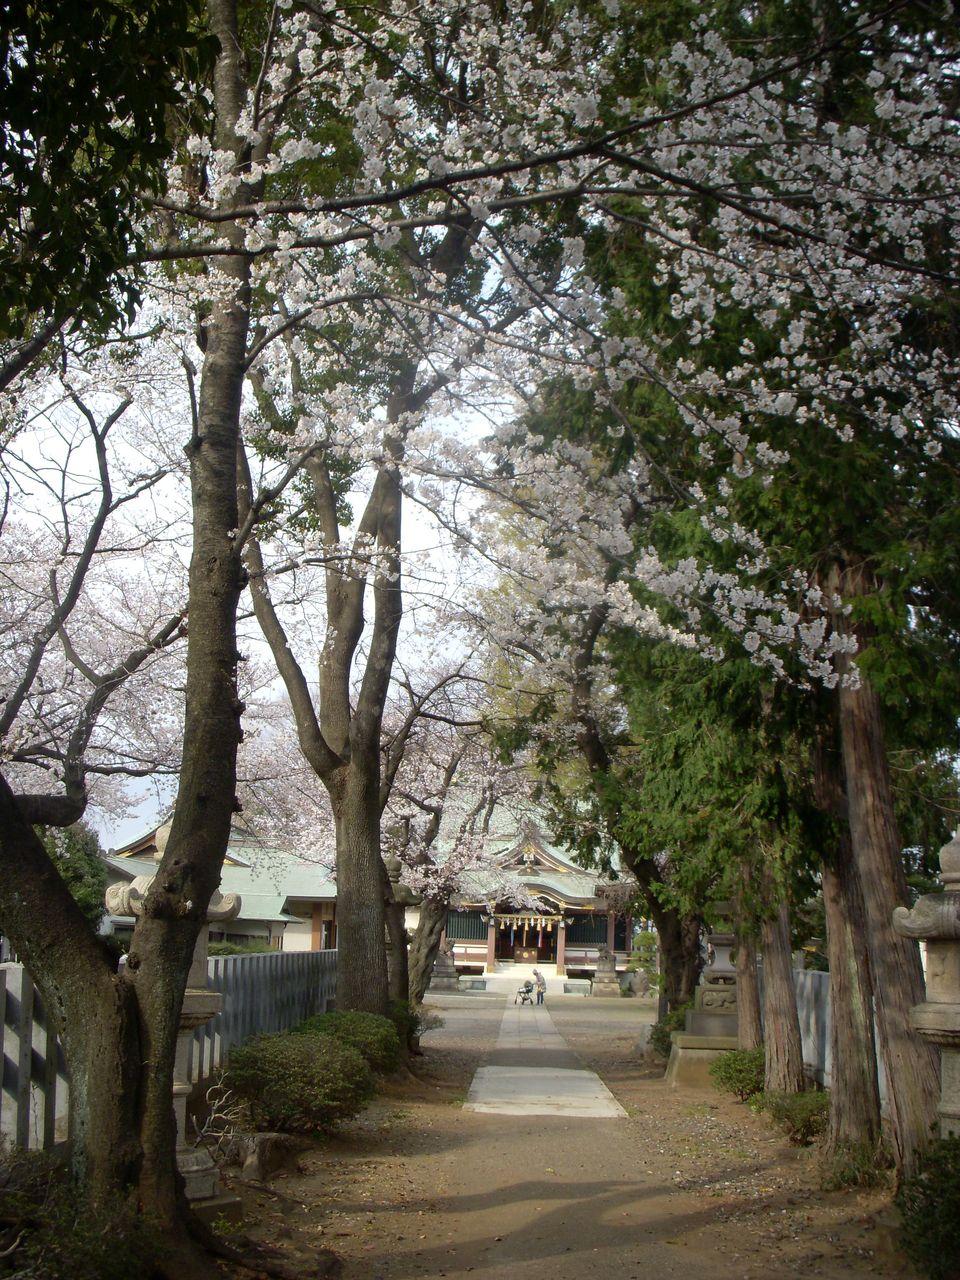 境内 板橋区の史跡に登録されている富士塚や木曽御嶽塚があります。